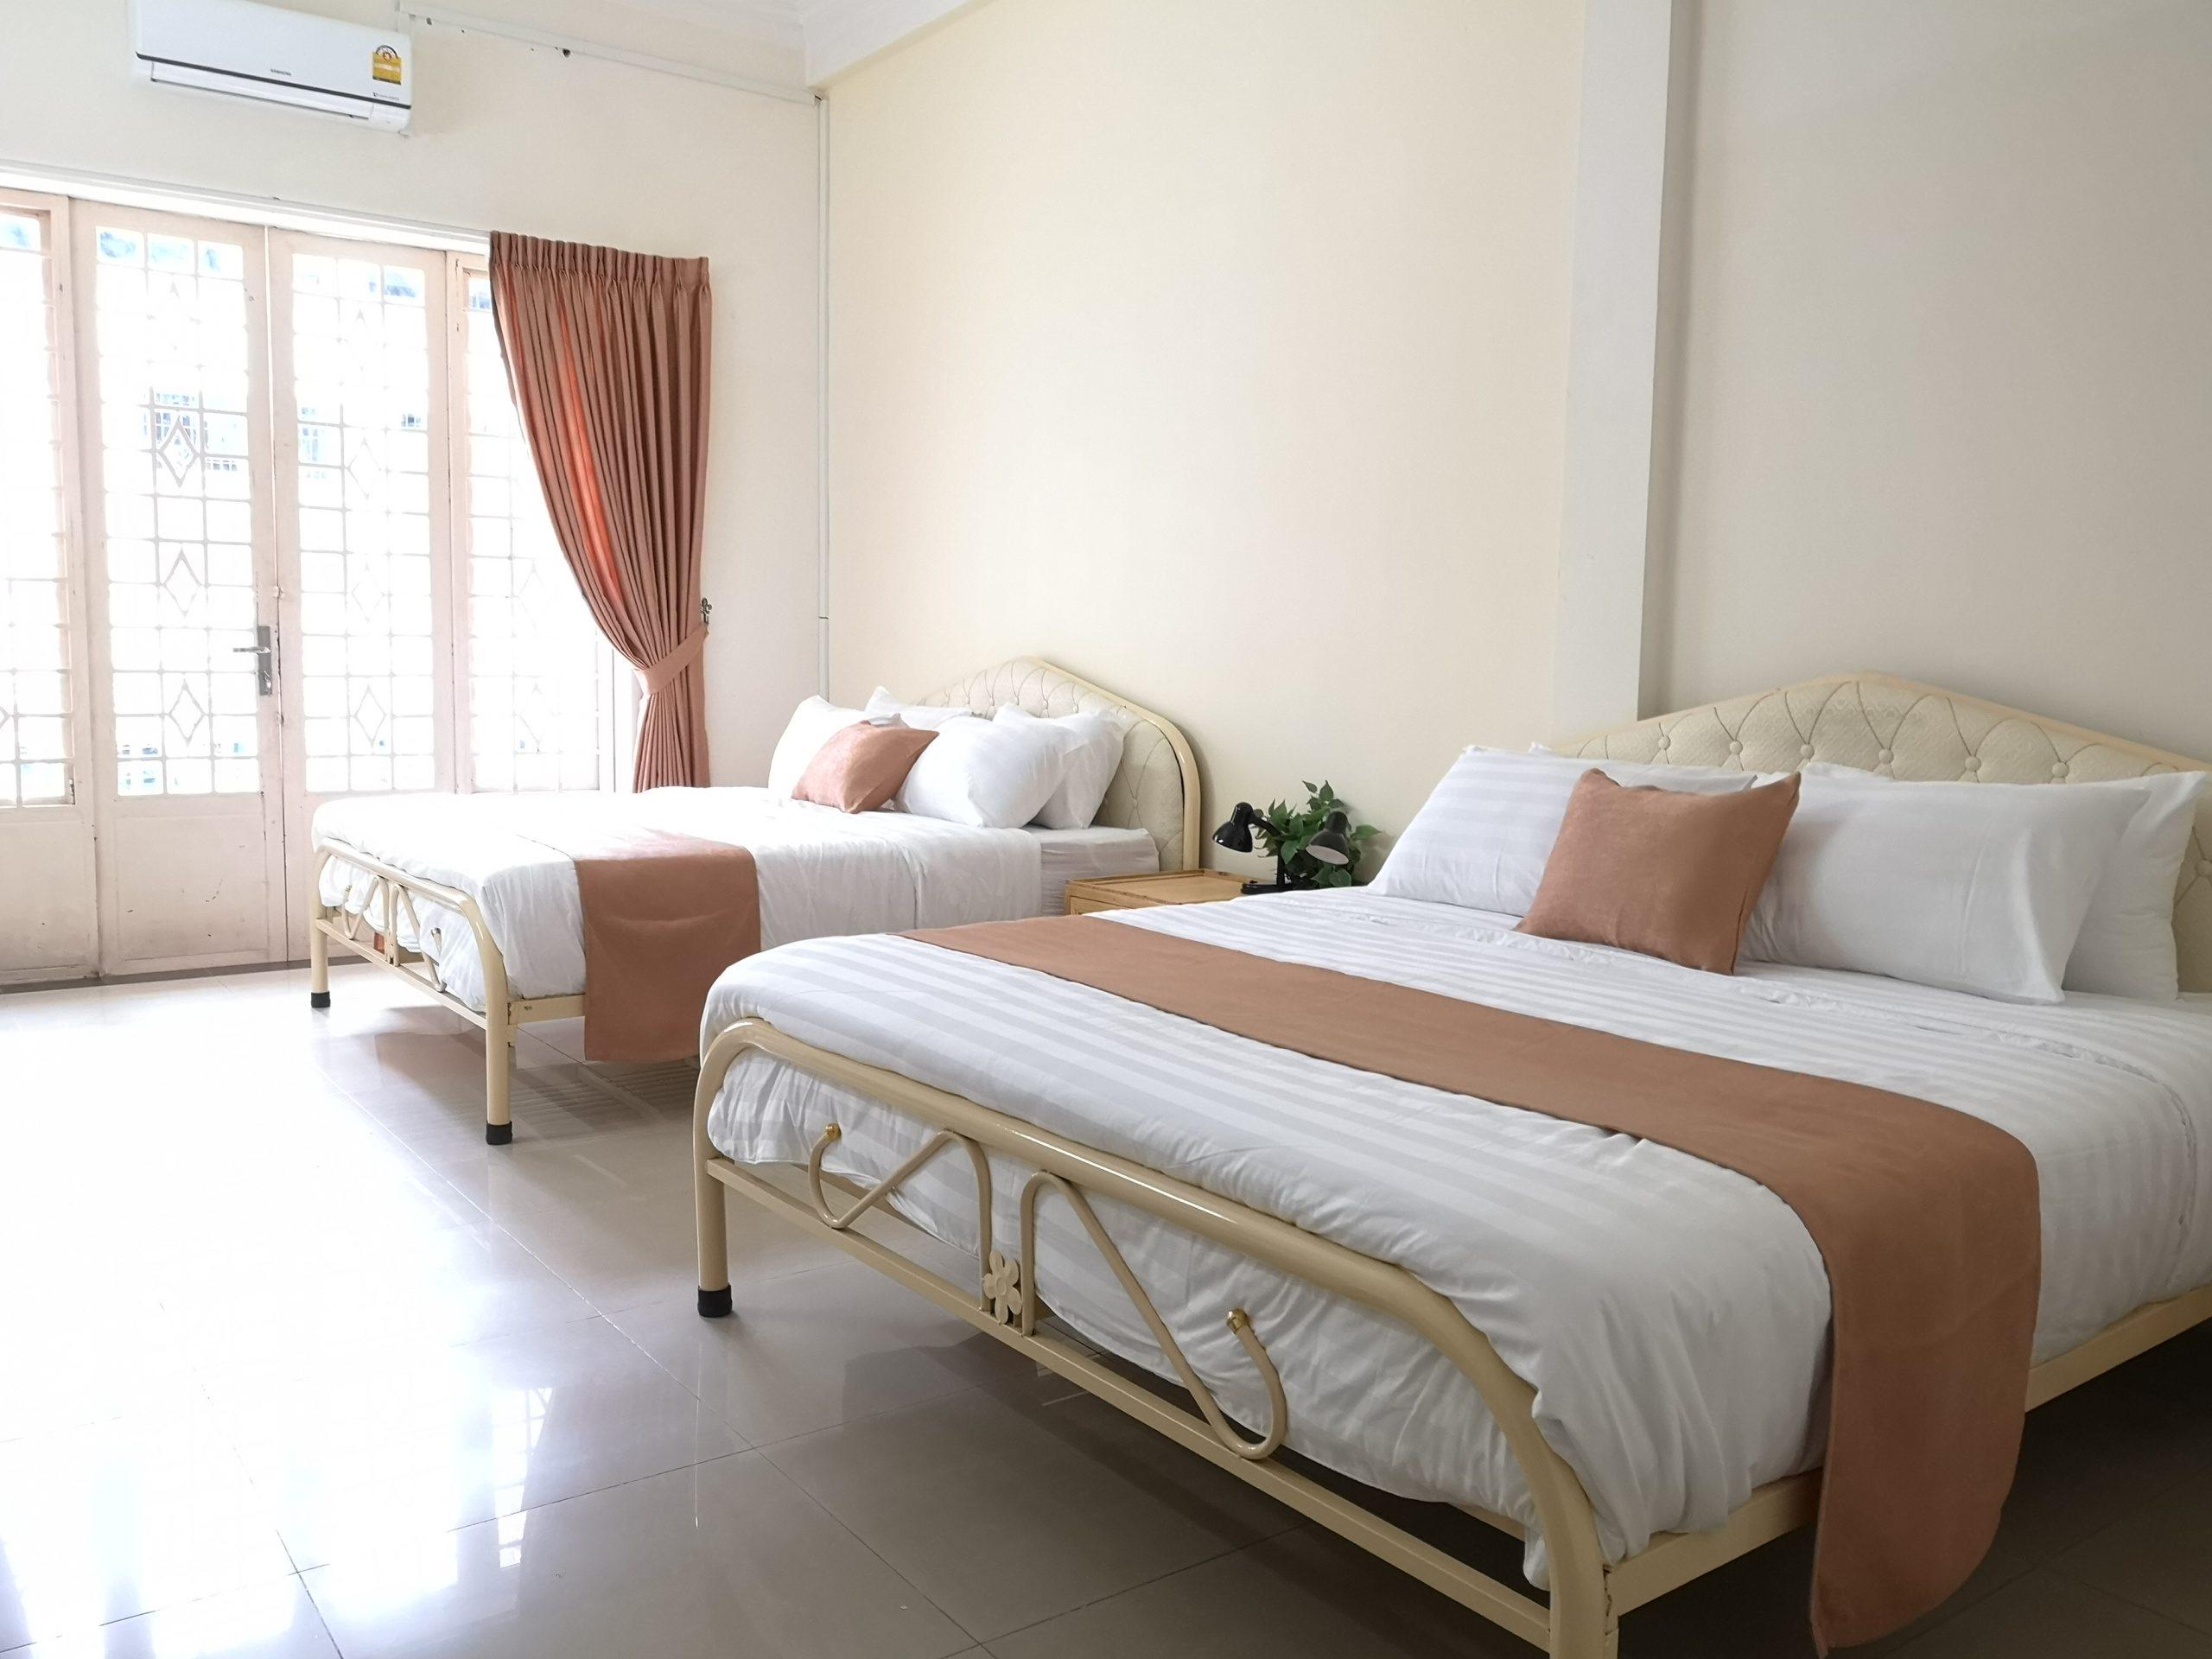 phnom penh airbnb homestay b&b